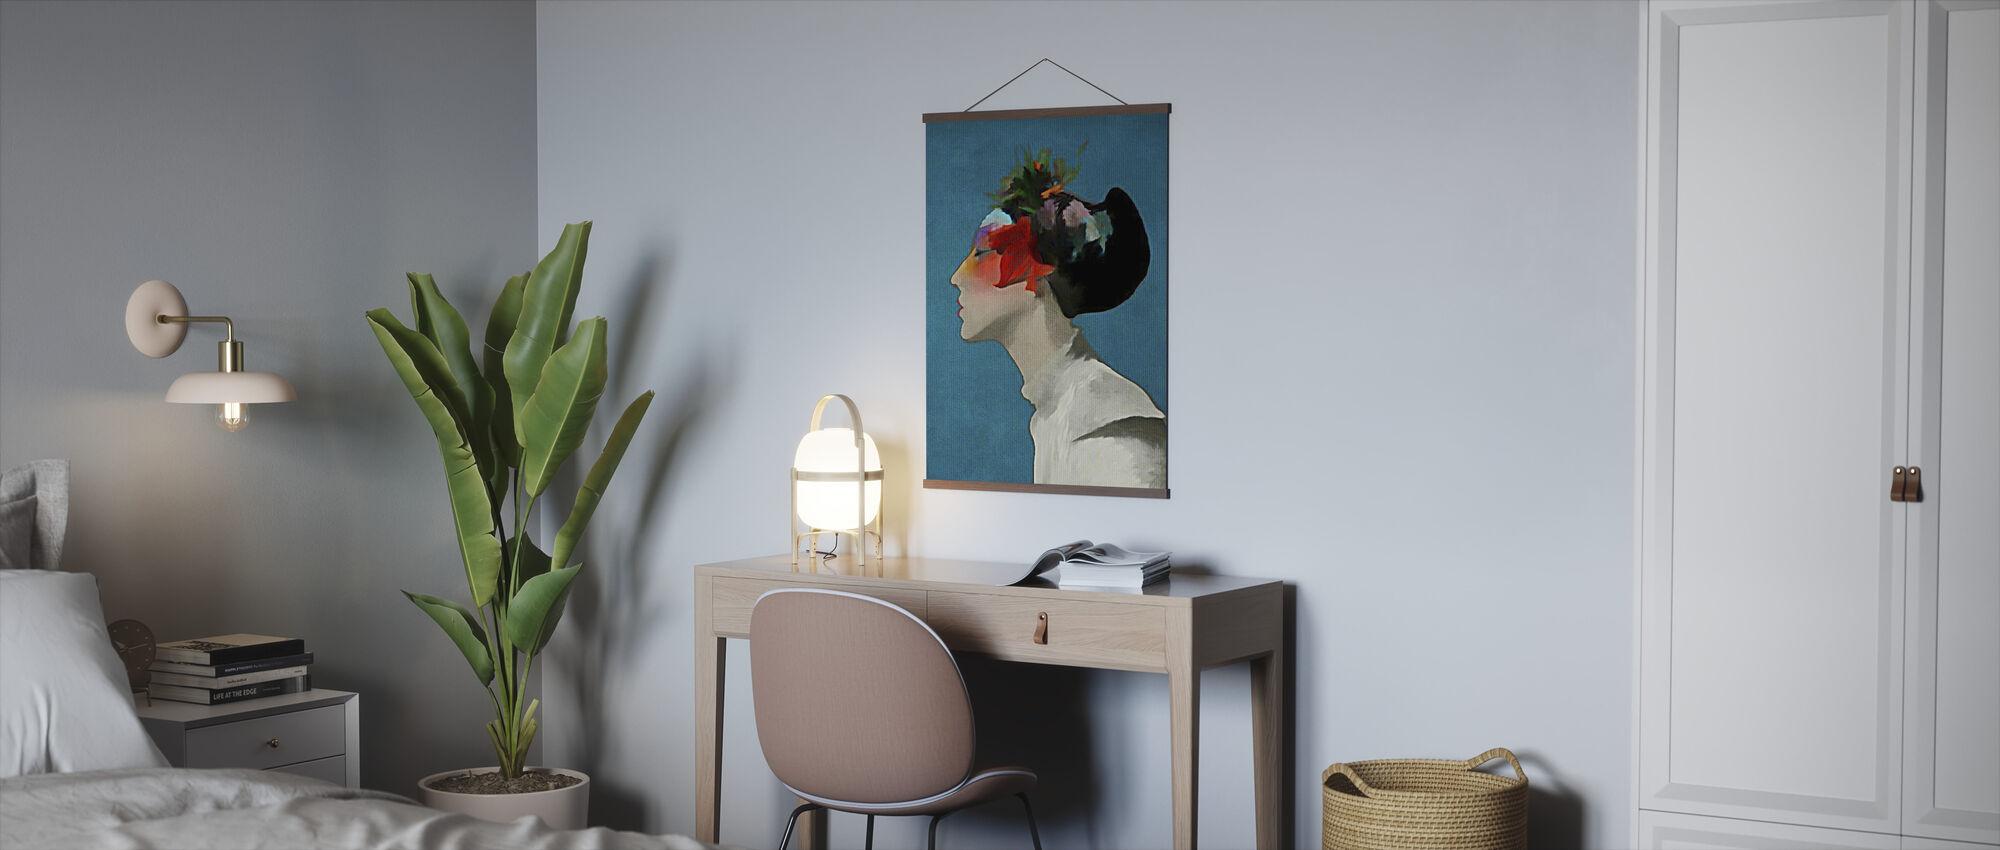 Kimono - Poster - Office